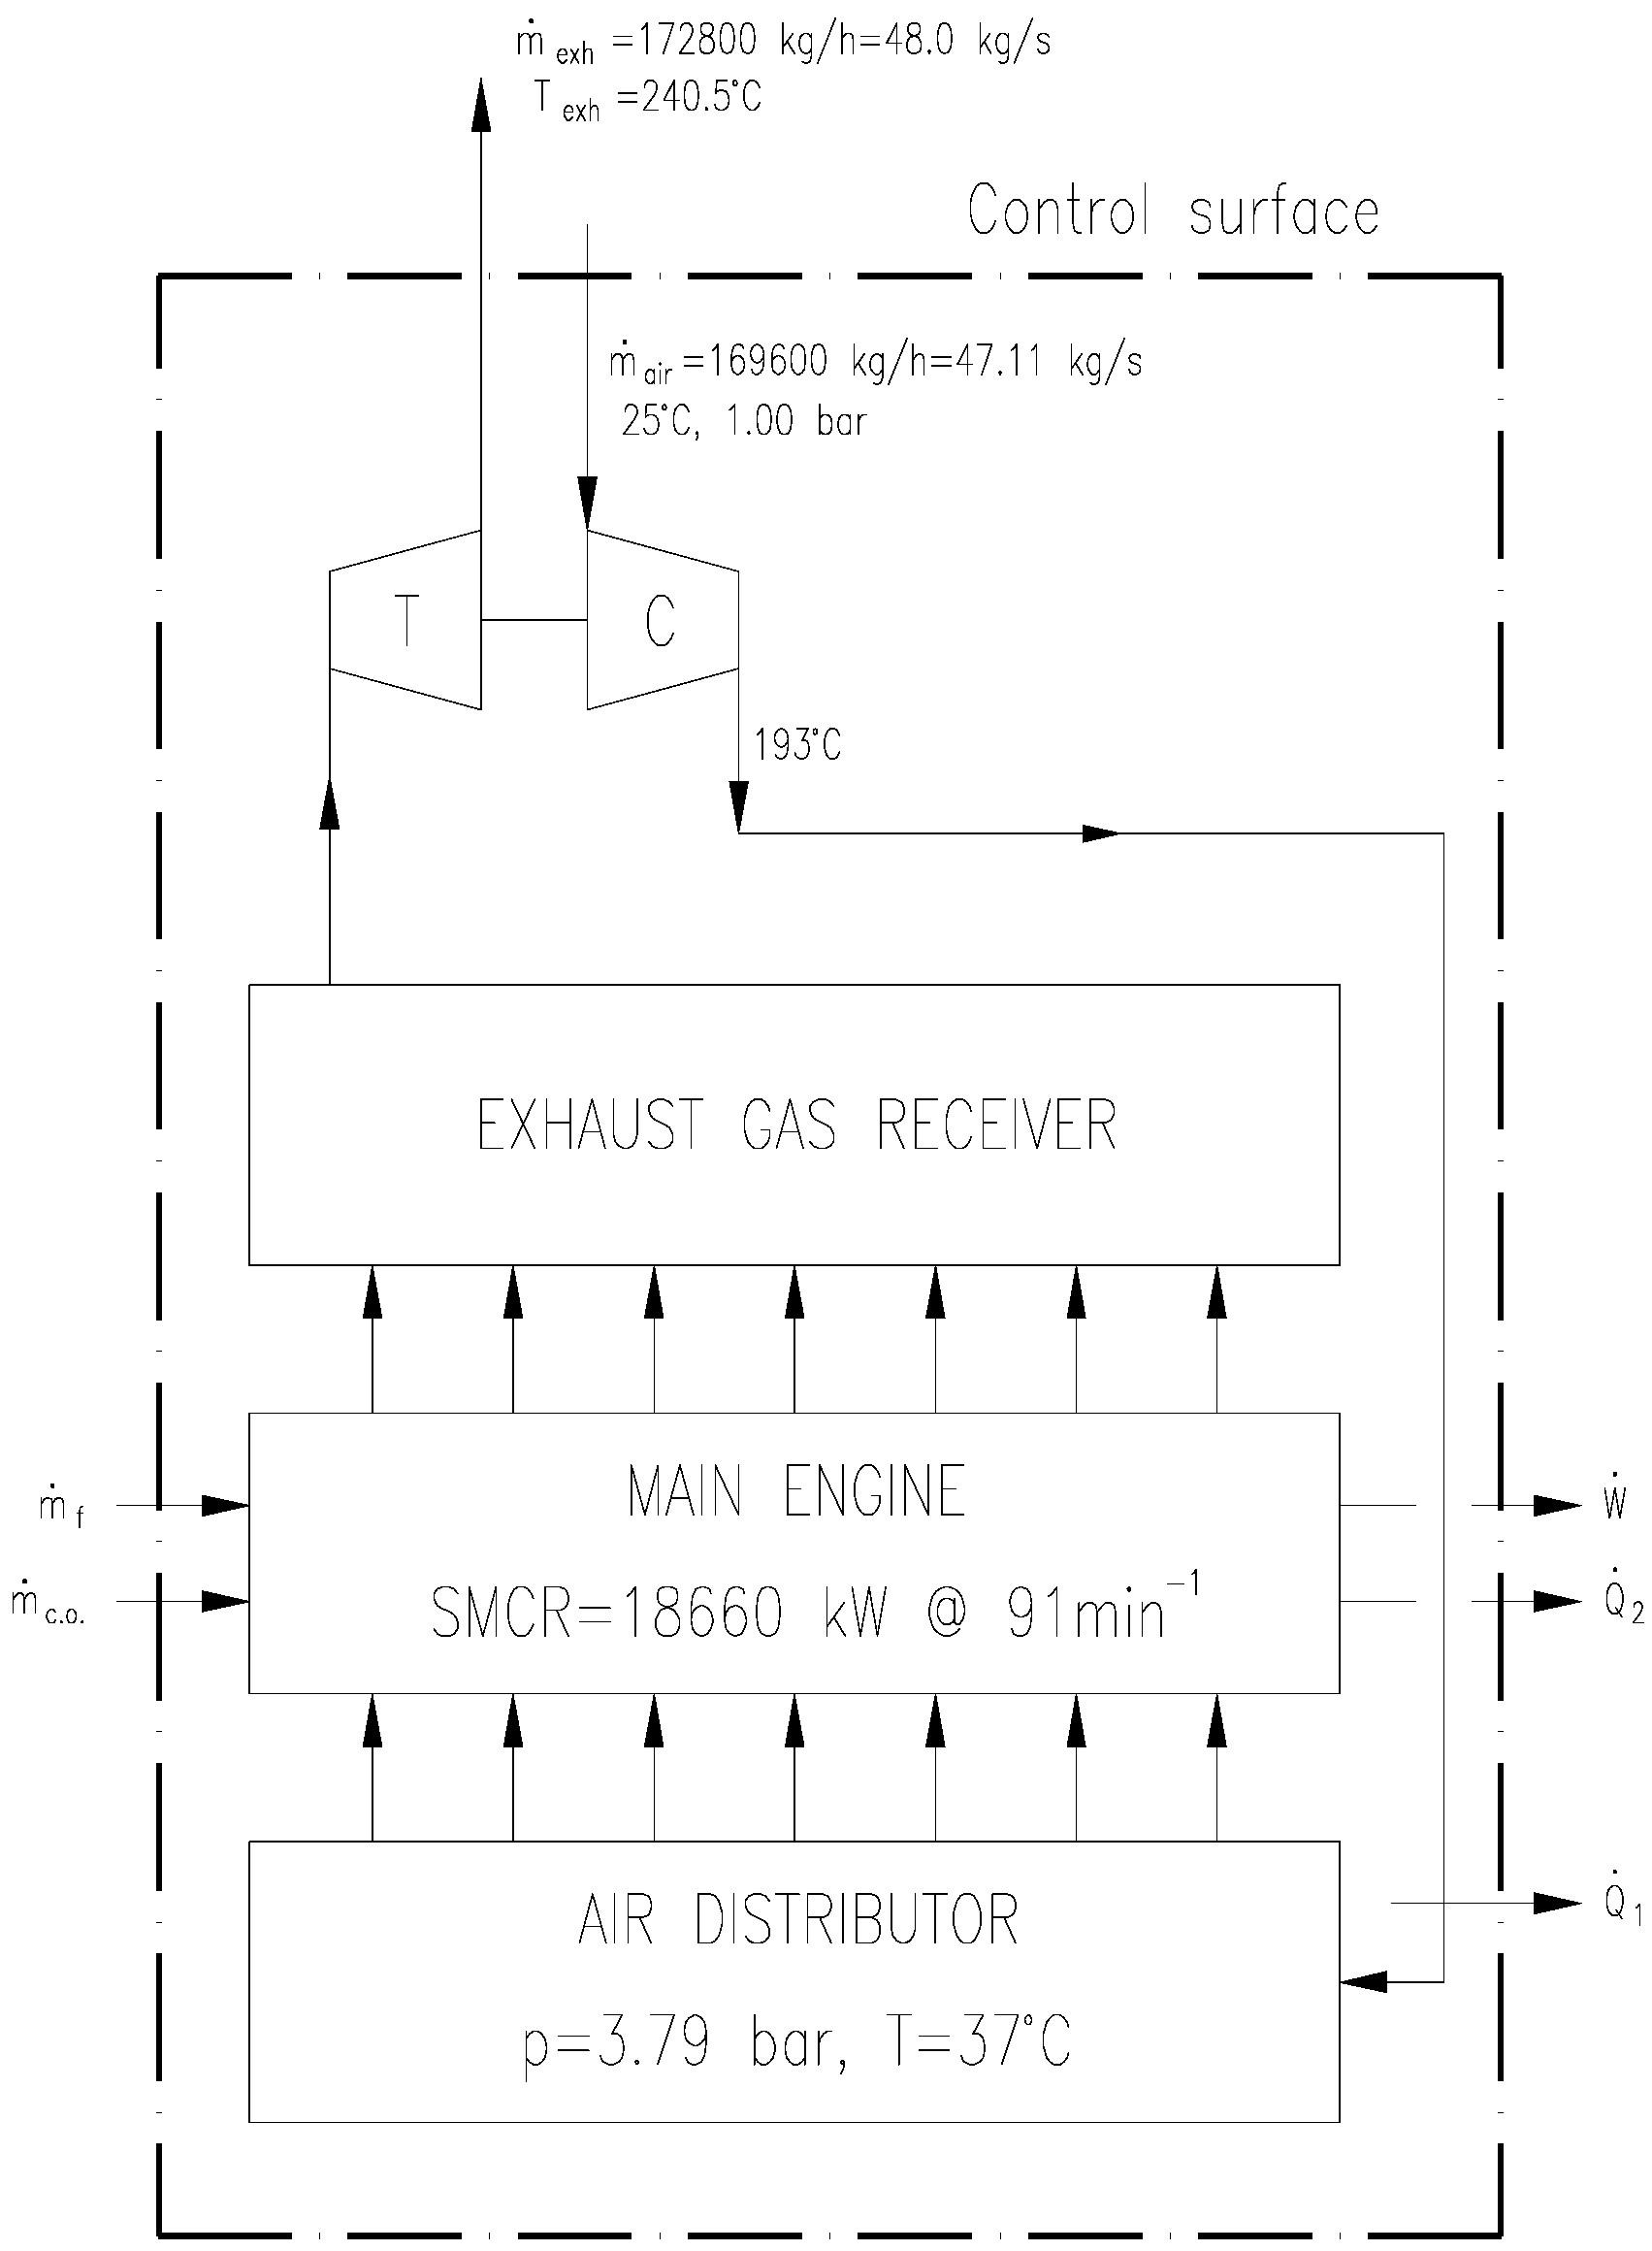 4 Stroke Diesel Engine Diagram Energies Free Full Text Of 4 Stroke Diesel Engine Diagram